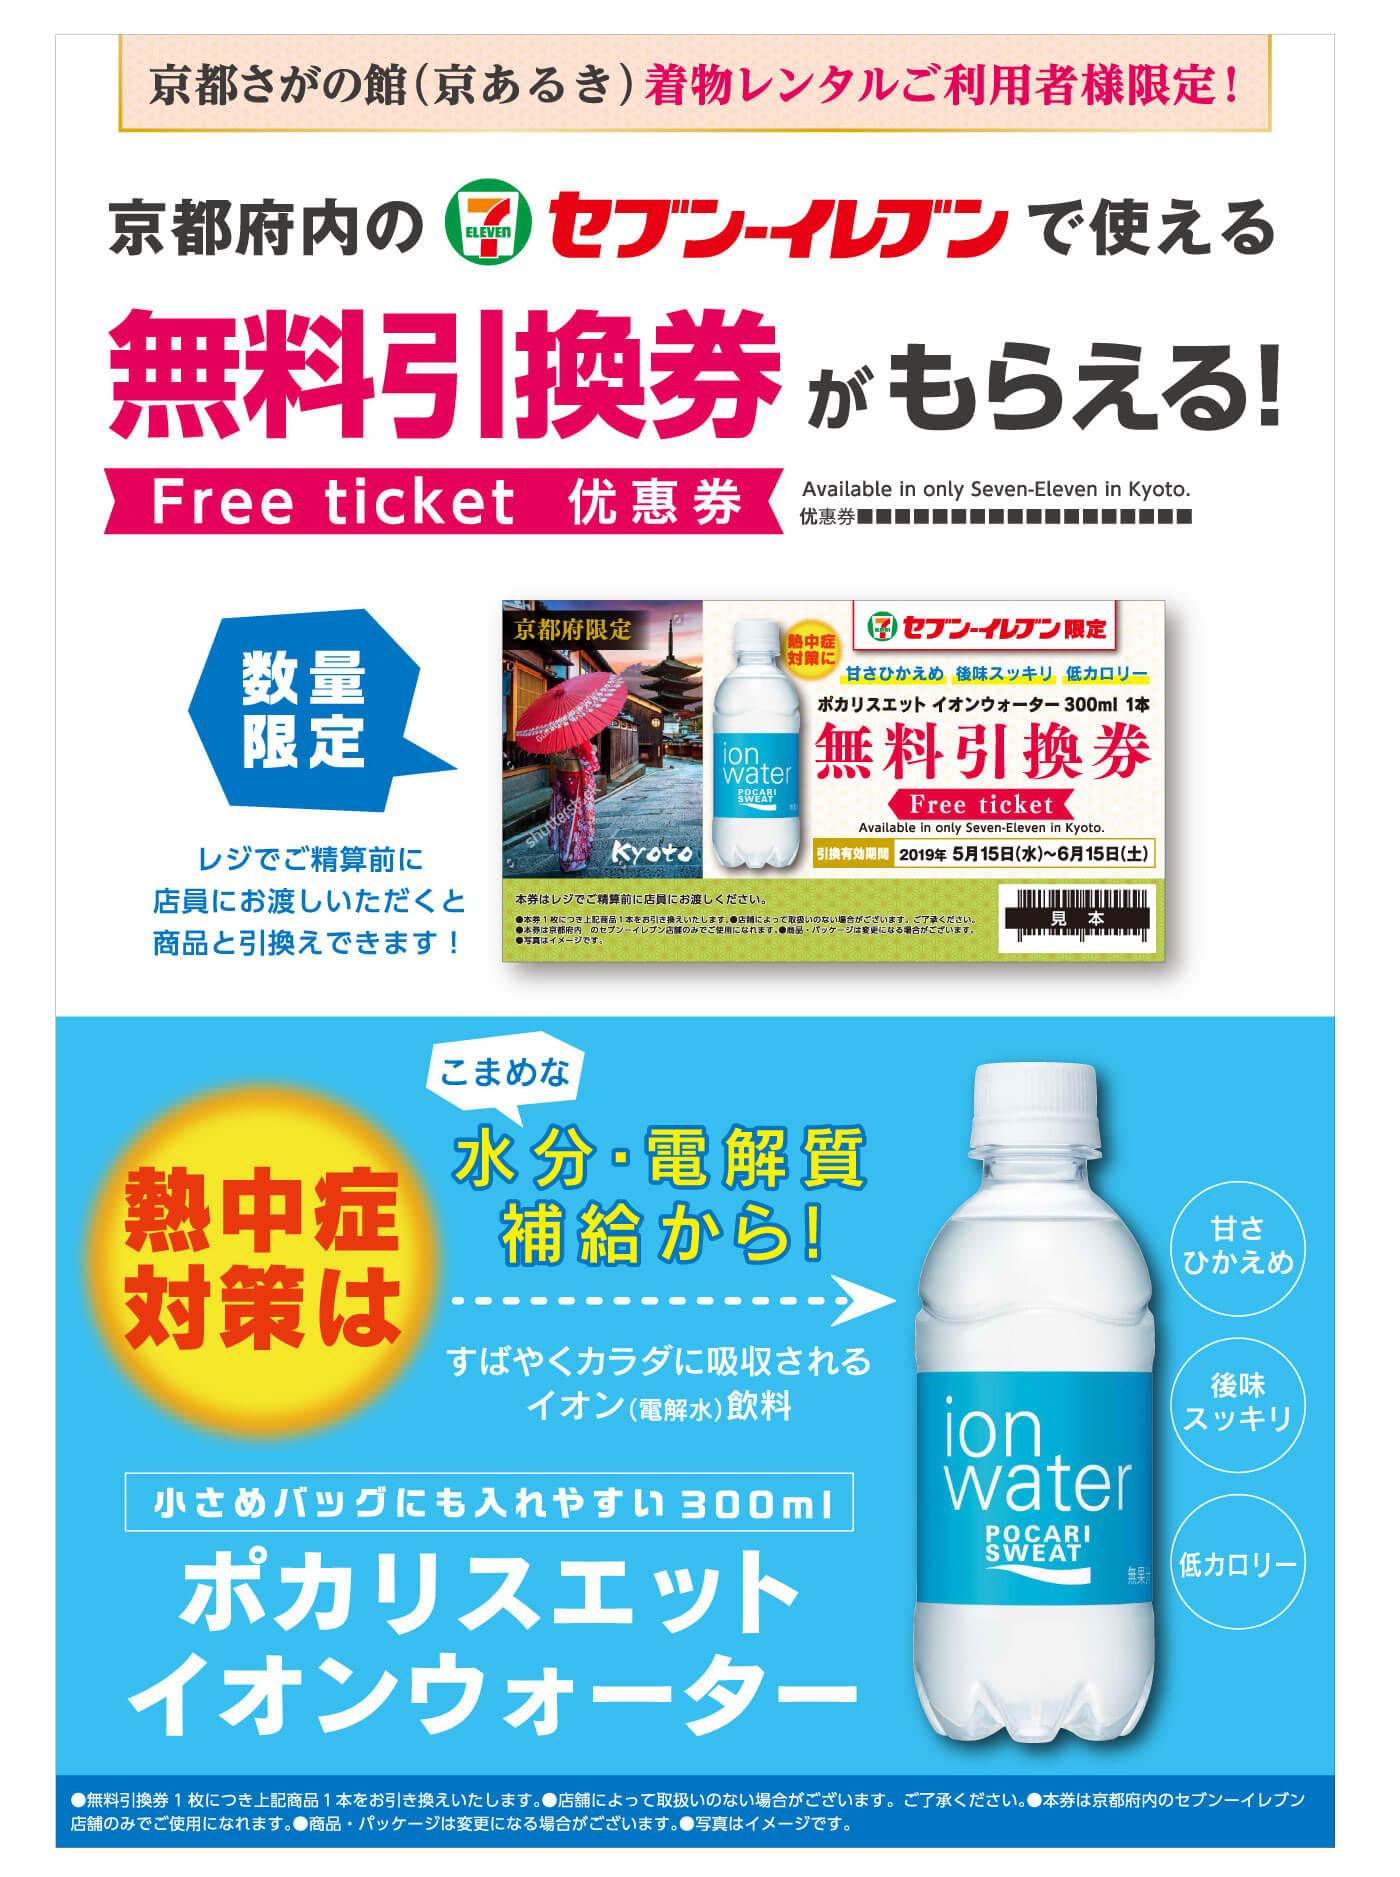 京あるき限定でセブンイレブンで使えるポカリスエット引換券がもらえる!